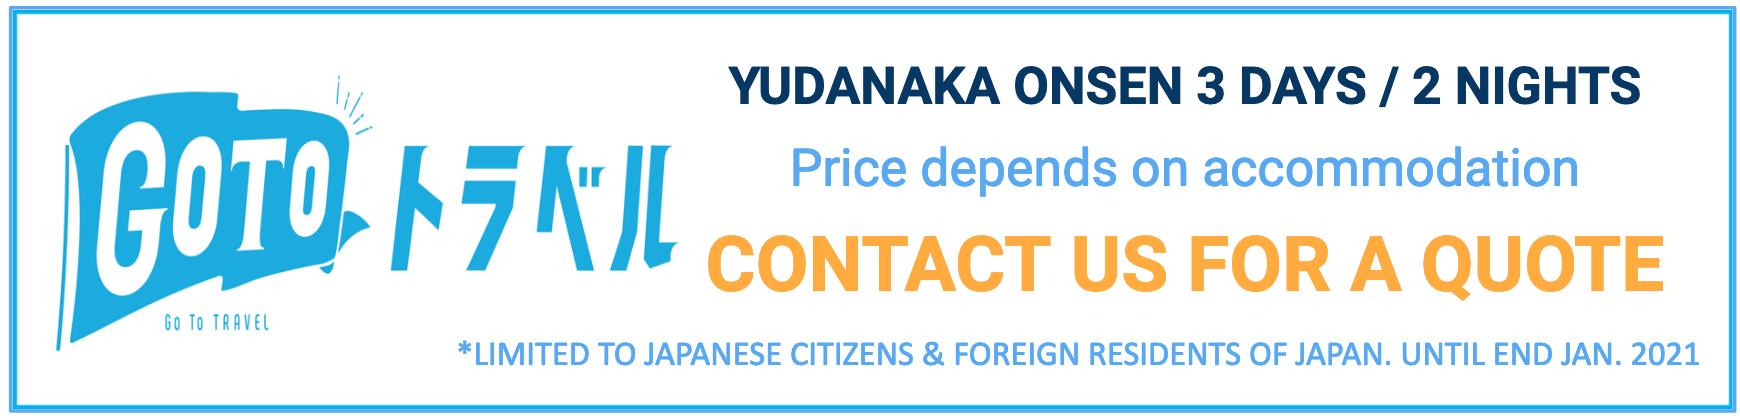 yudanaka-goto-ski-banner